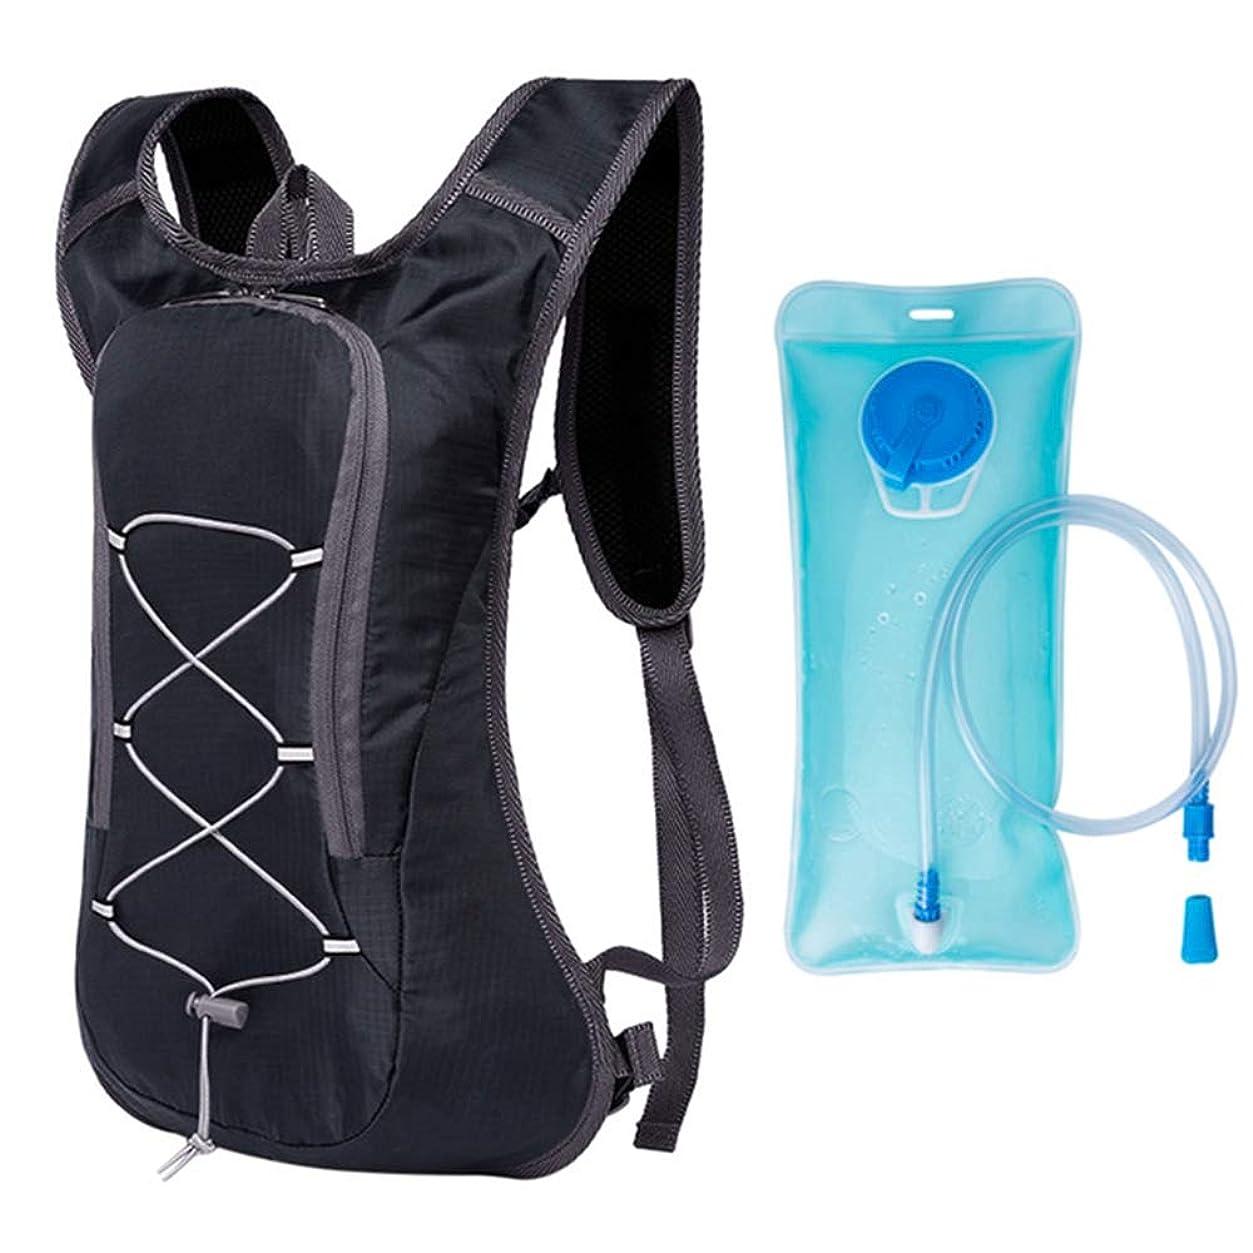 代わって月曜装置ランニング、サイクリング、ハイキングキャンプ、ランニングスキー用サイクリングバックパック用2L BPAフリー膀胱軽量ハイドレーションパック付きハイドレーションバックパック